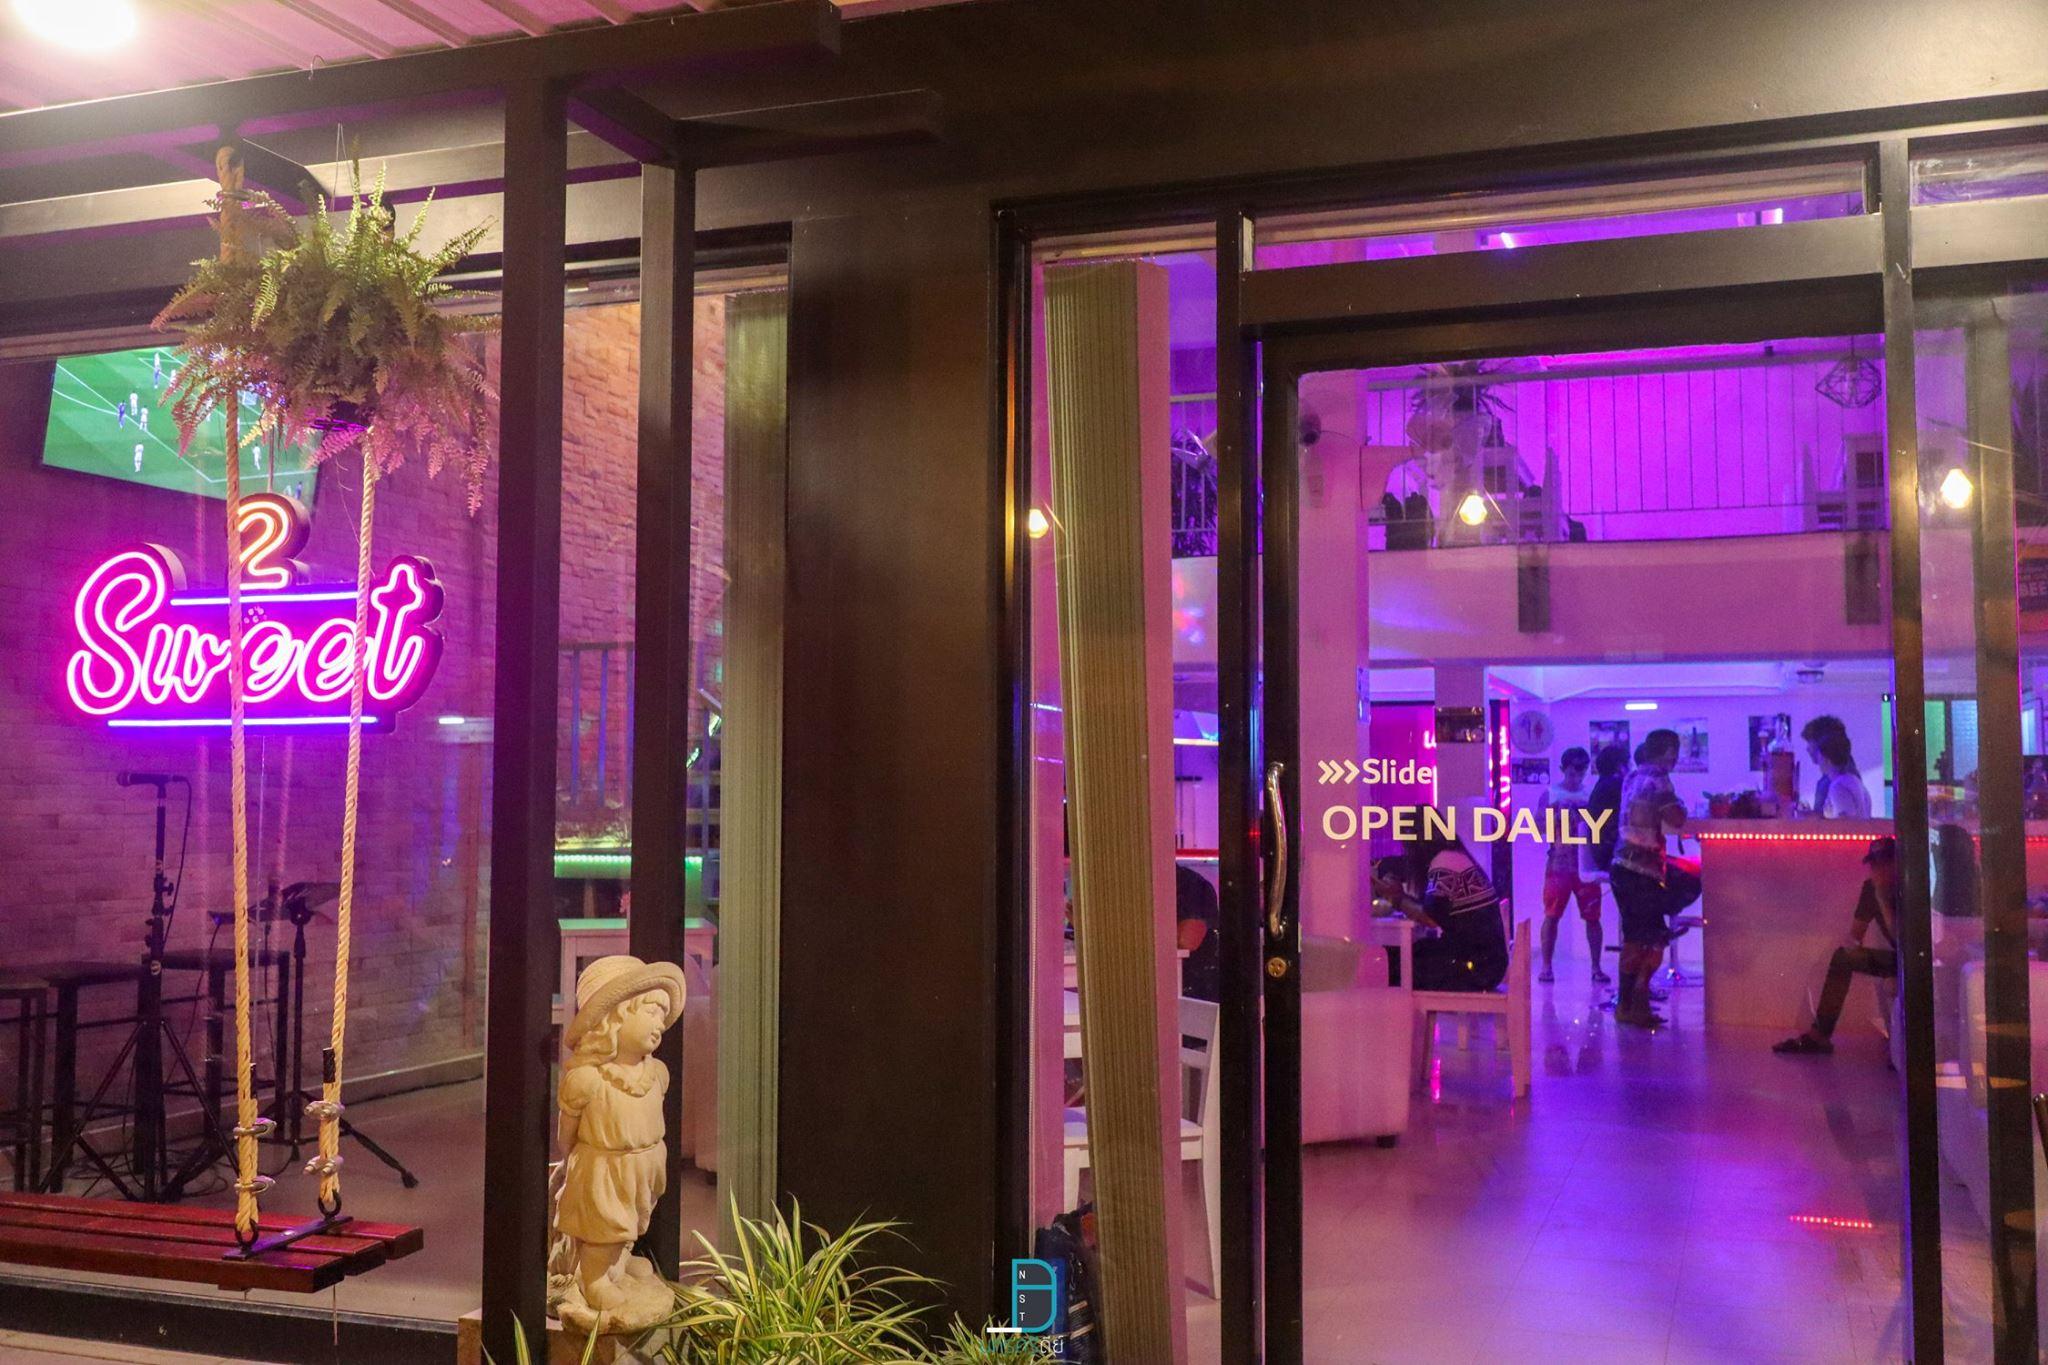 2 sweet Cafe ร้านนั่งชิวเปิดใหม่สวยๆ ห้องแอร์สบาย พร้อมจุดถ่ายรูปเด็ดๆเยอะมากก at สะพานยาว นครศรีดีย์